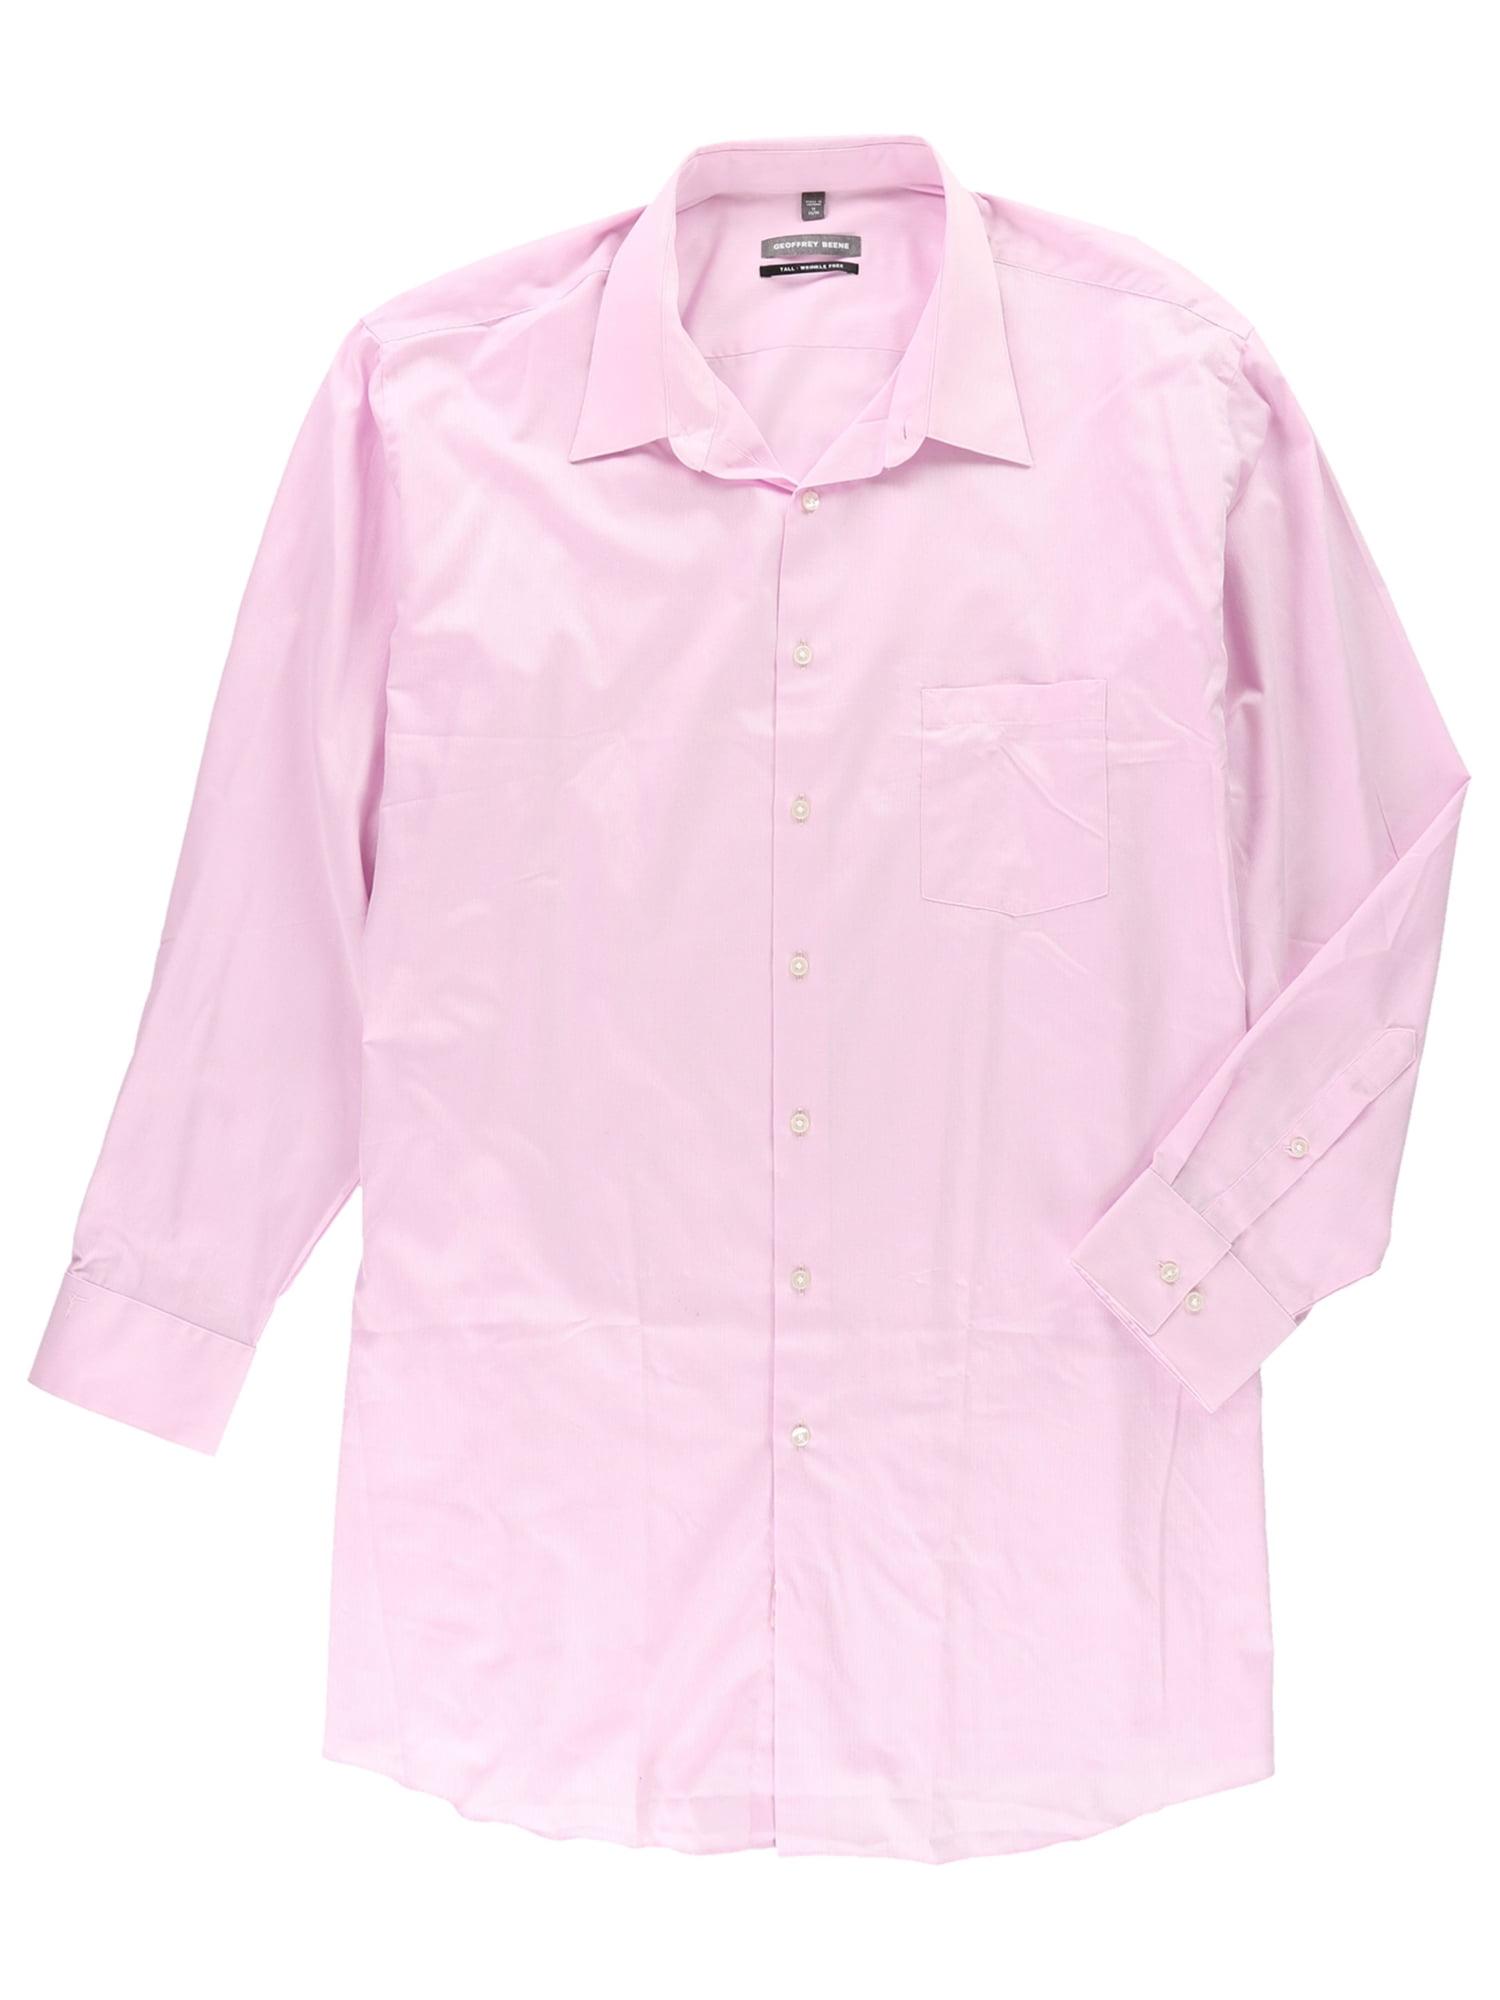 Geoffrey Beene Geoffrey Beene Mens Wrinkle Free Button Up Dress